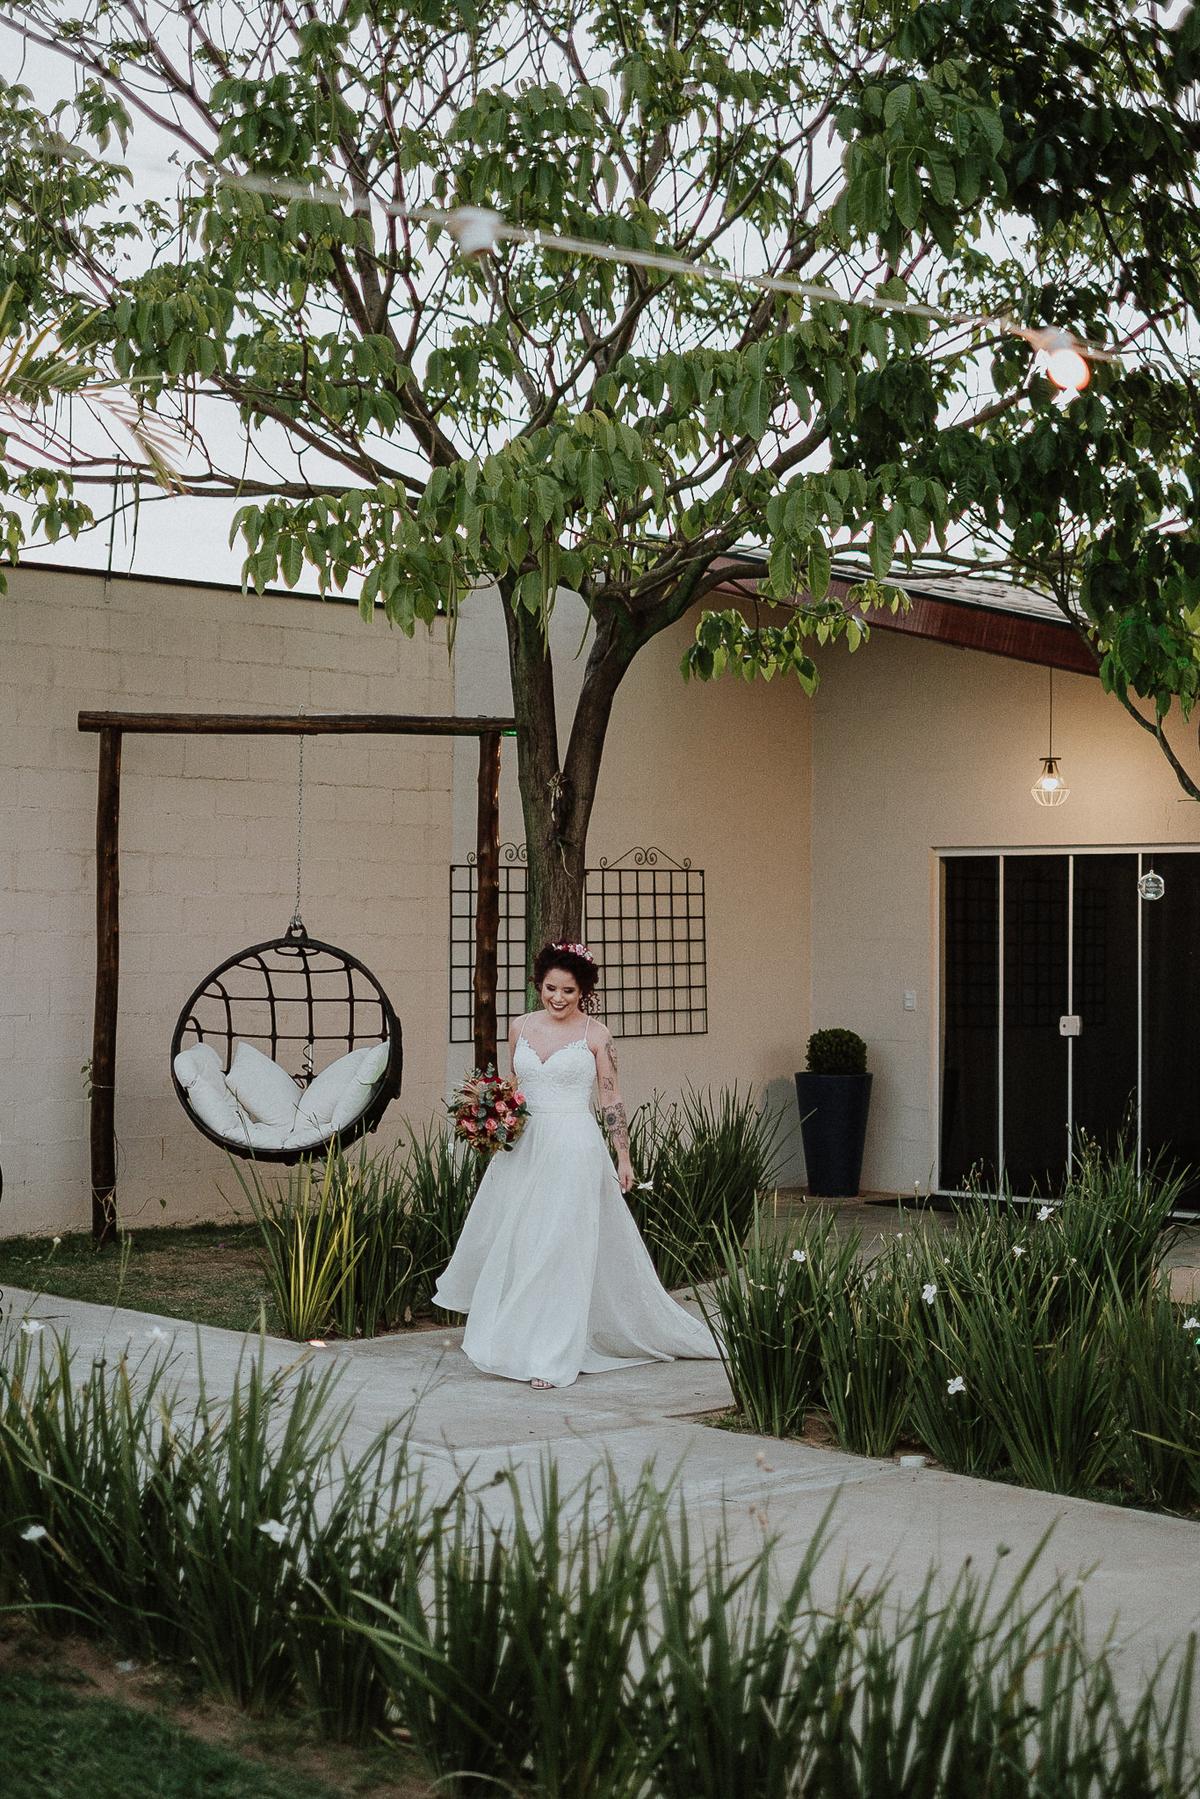 casar em campinas fotografia de casamento mini weddings casamentos de dia fotografia por caio henrique noivo com a mae  entrada do noivo cerimonia no campo vestido de noiva